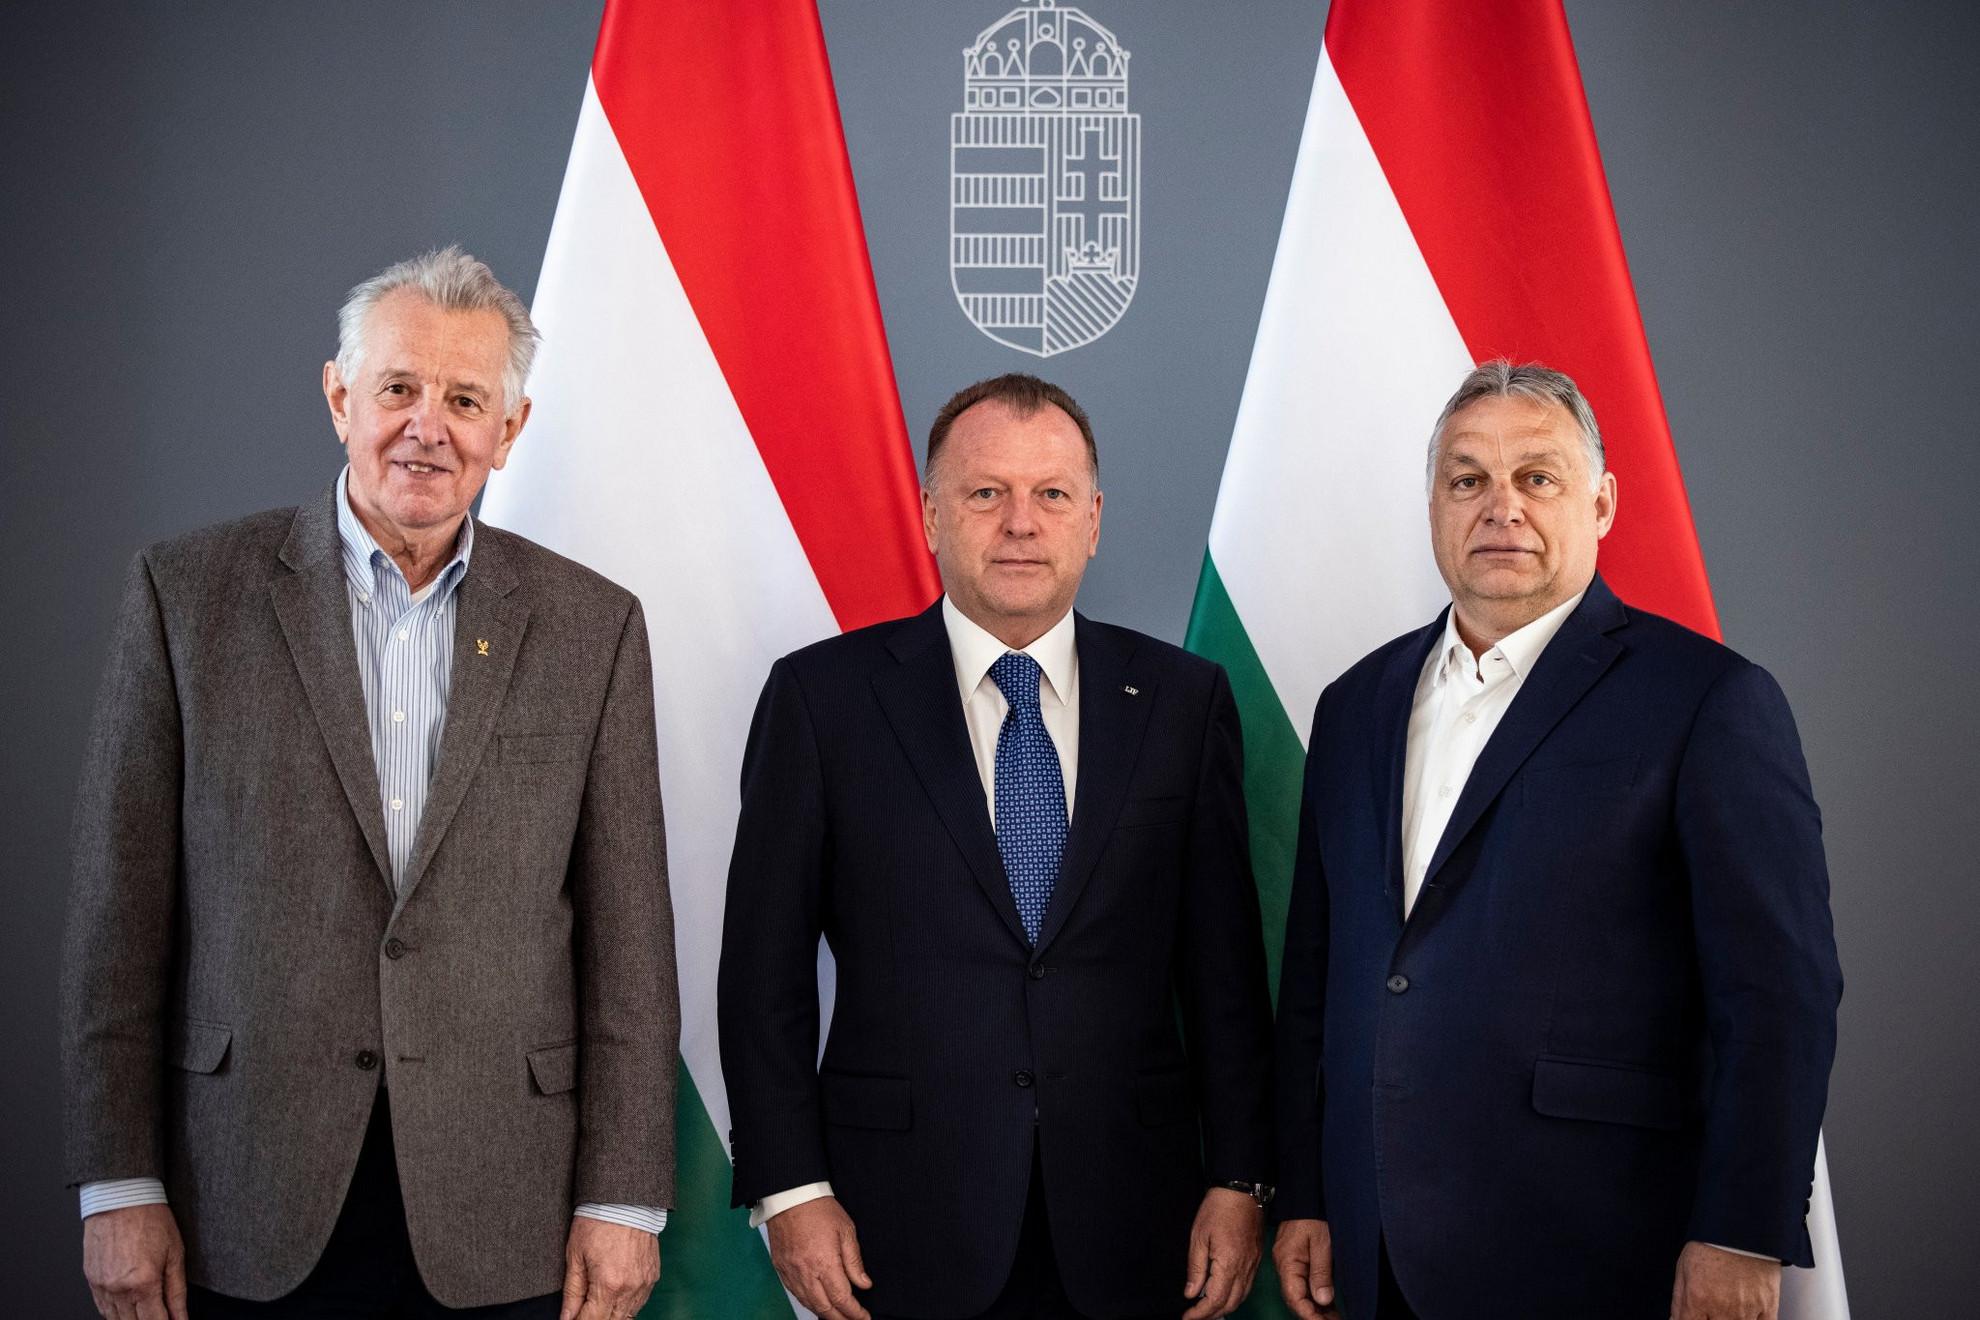 Orbán Viktor kormányfő (j) és a Nemzetközi Cselgáncs Szövetség (IJF) elnöke, Marius Vizer (k) találkozója a Karmelita kolostorban 2021. május 3-án - balról Schmitt Pál, a Magyar Olimpiai Bizottság (MOB) tiszteletbeli elnöke, a Nemzetközi Olimpiai Bizottság tagja, korábbi köztársasági elnök